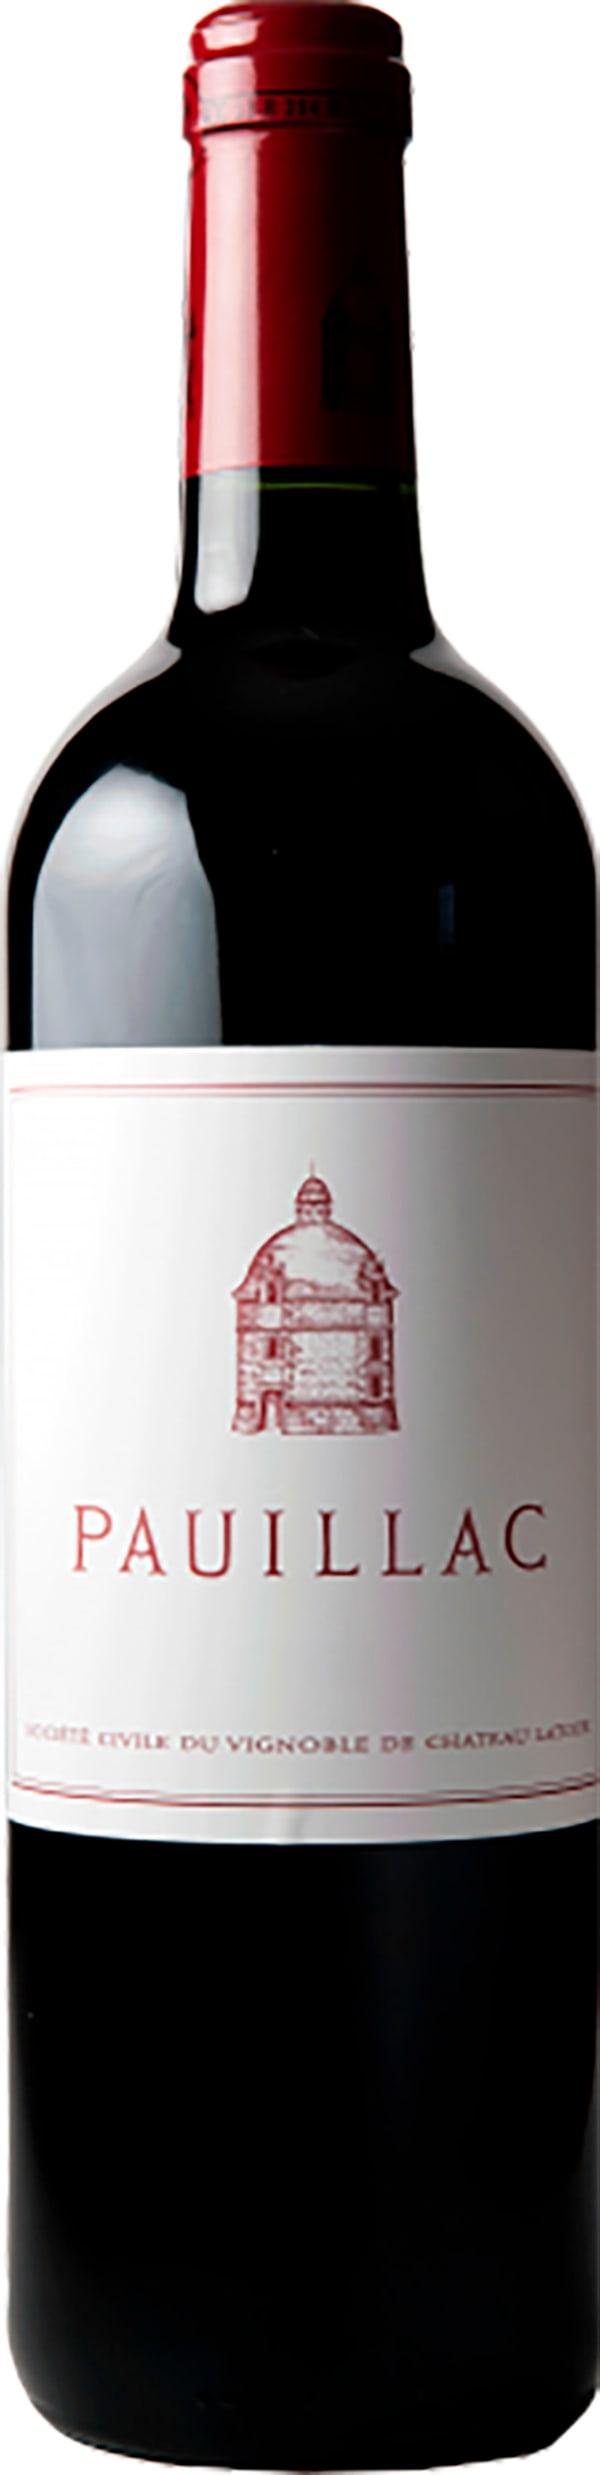 Pauillac de Château Latour 2014